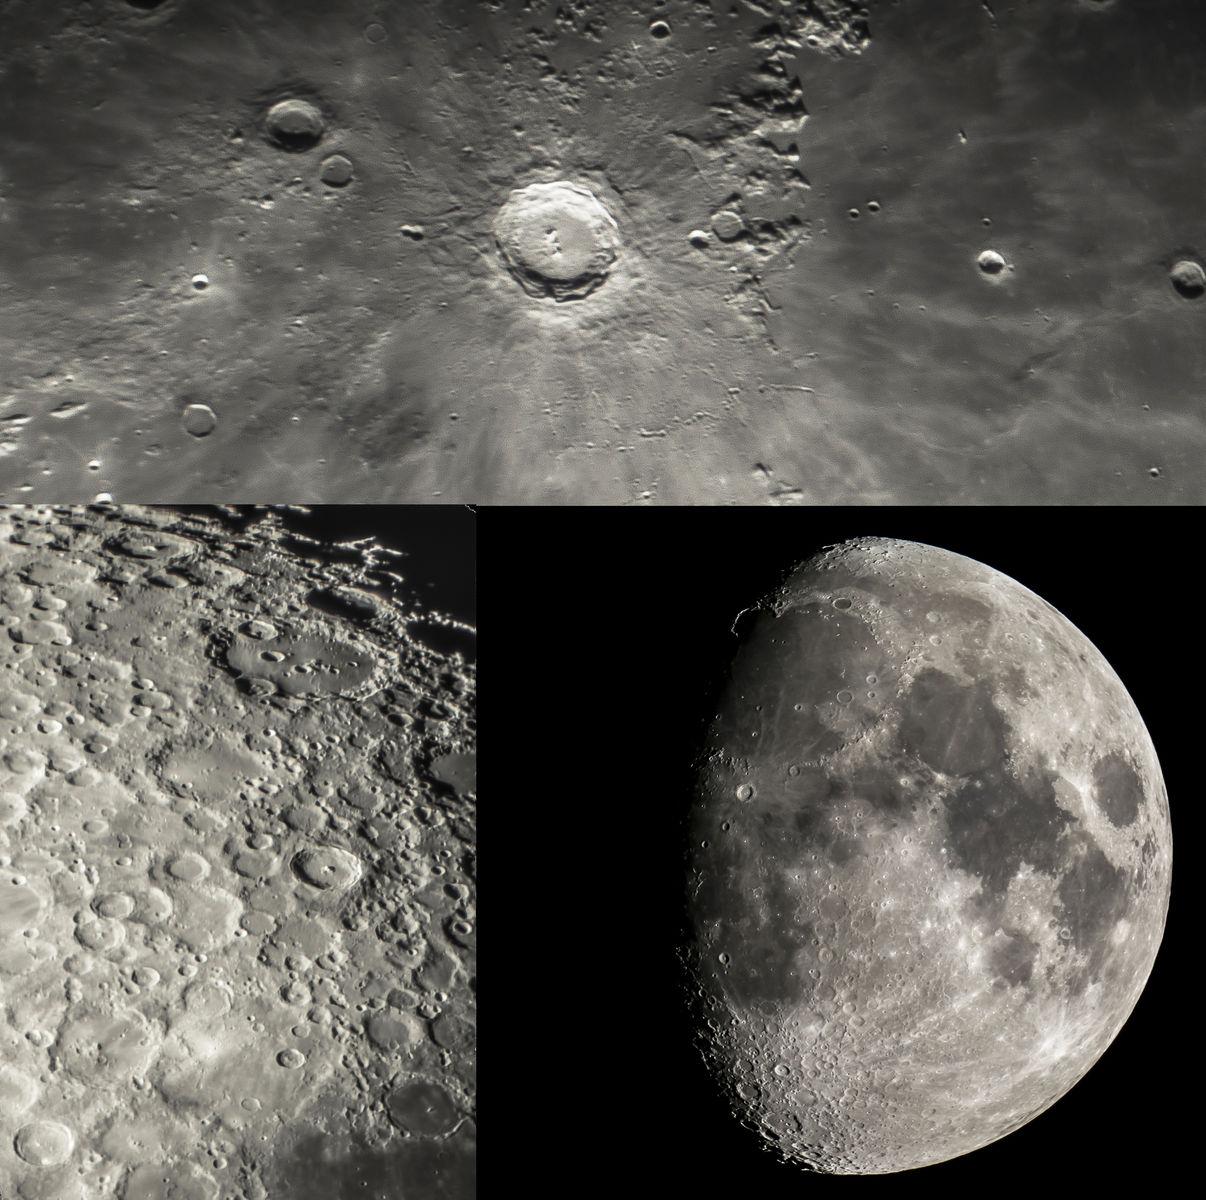 TripleShot moon